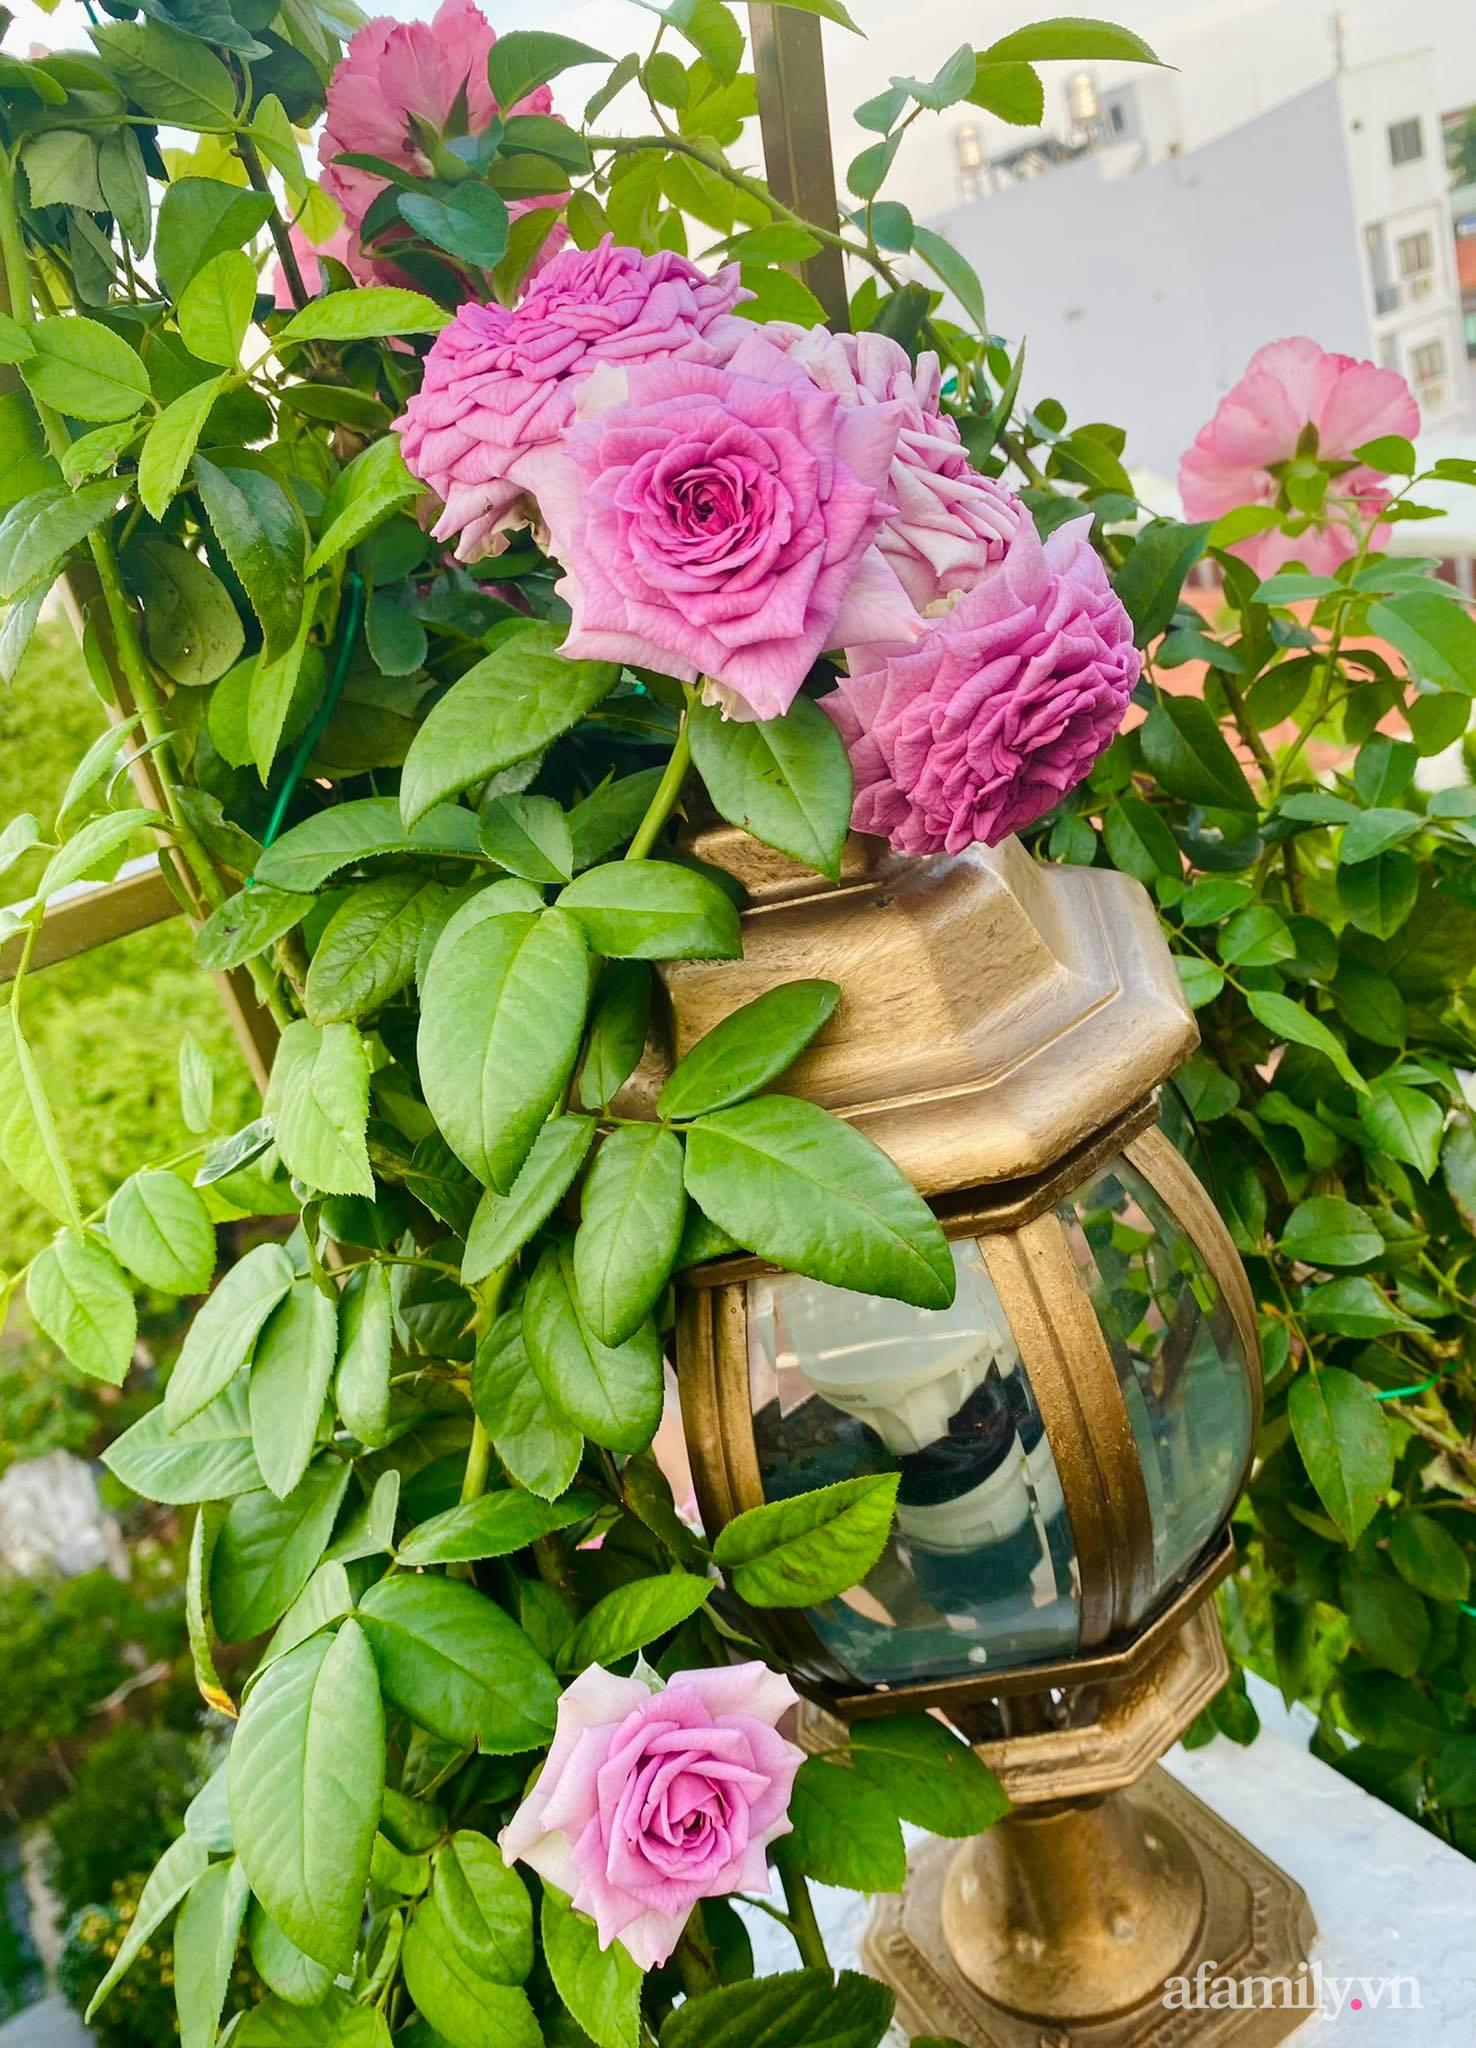 Sân thượng phủ kín hoa hồng và rau quả sạch ở Sài Gòn của Hoa hậu Janny Thủy Trần - ảnh 19